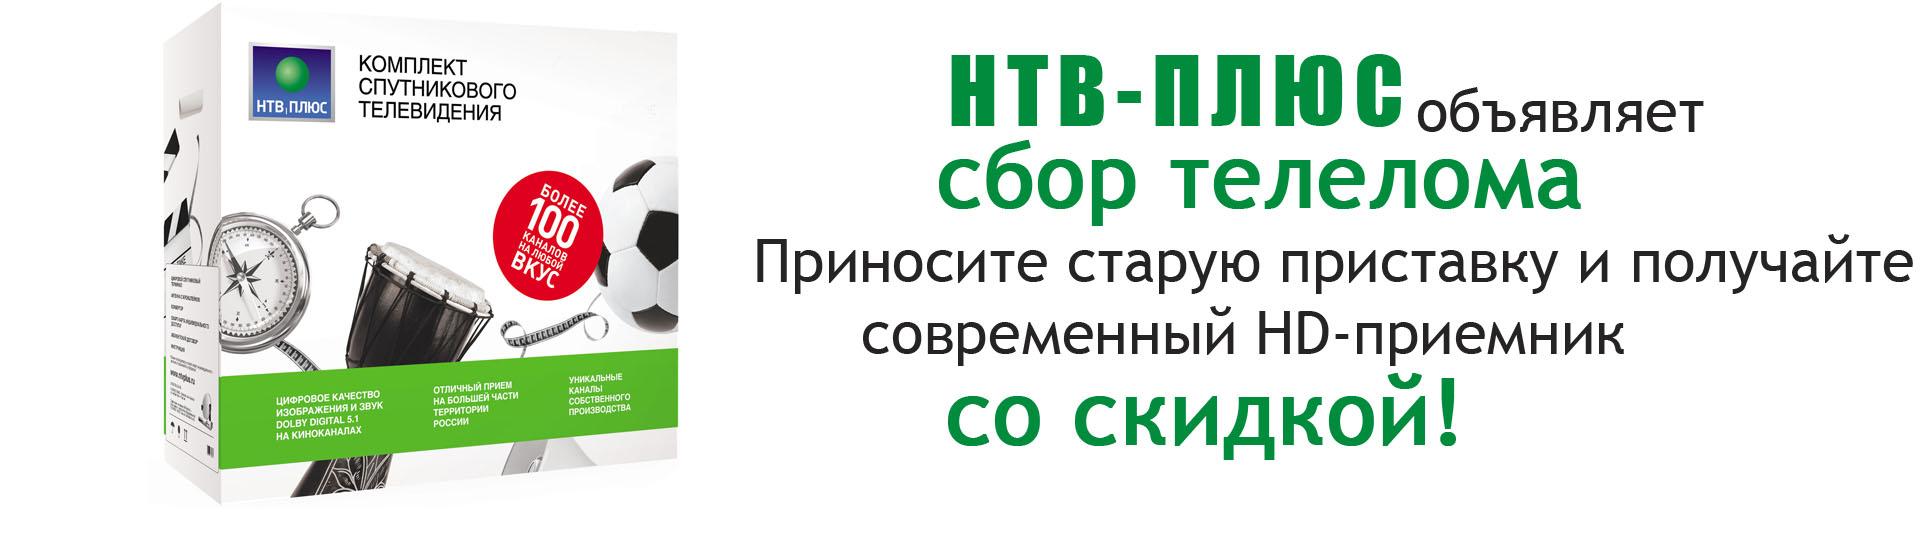 Замена оборудования НТВ-ПЛЮС